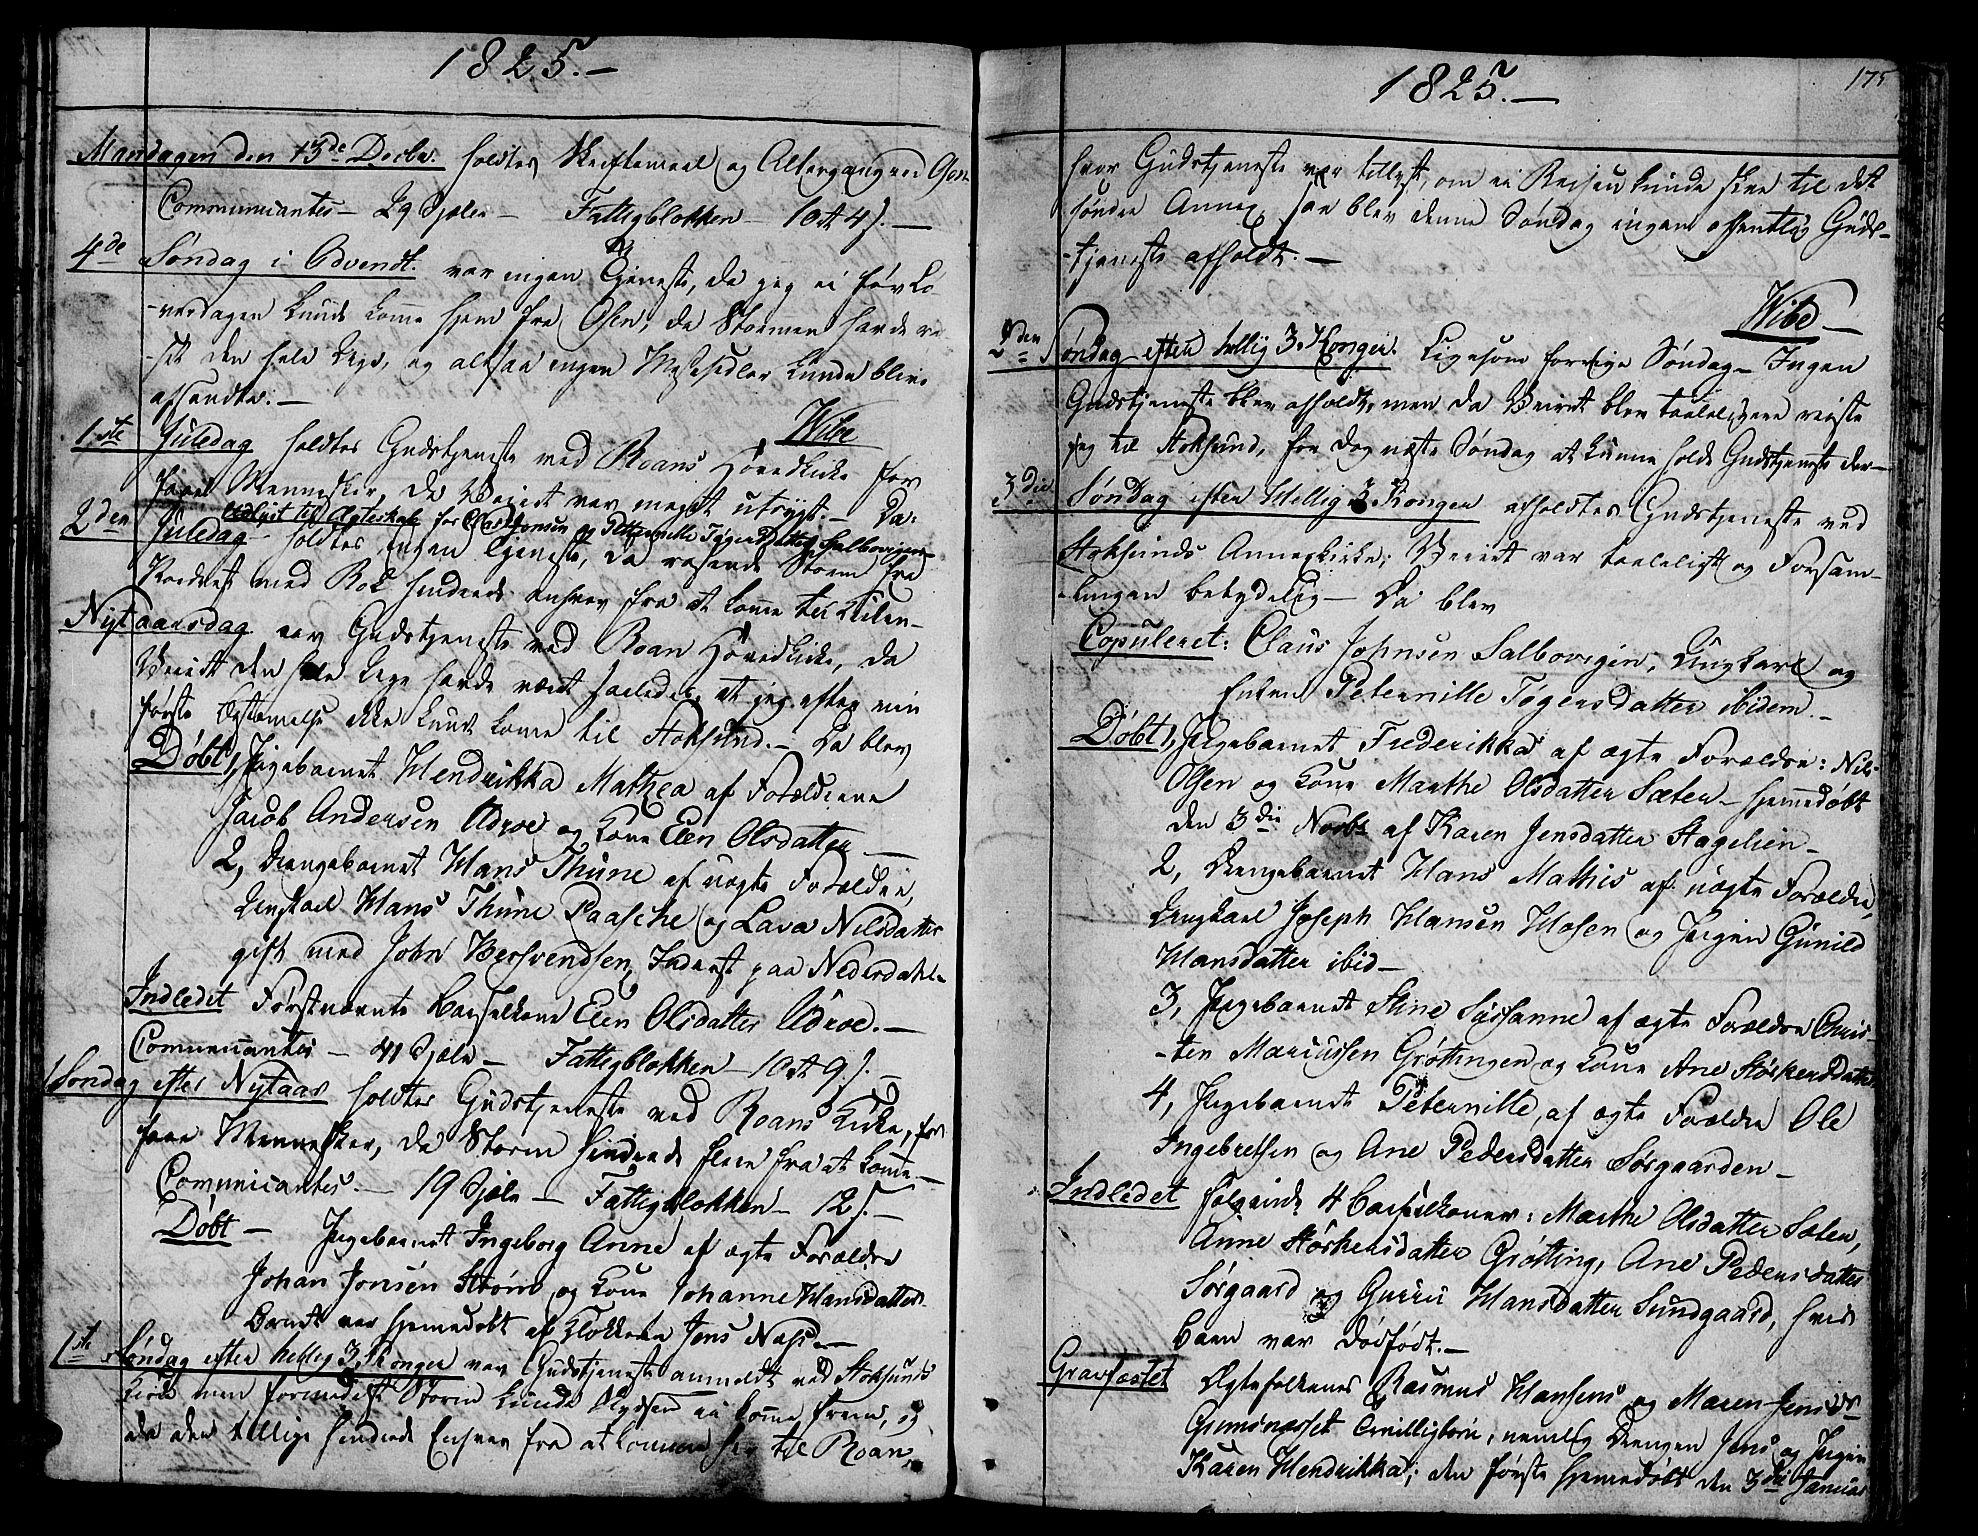 SAT, Ministerialprotokoller, klokkerbøker og fødselsregistre - Sør-Trøndelag, 657/L0701: Ministerialbok nr. 657A02, 1802-1831, s. 175